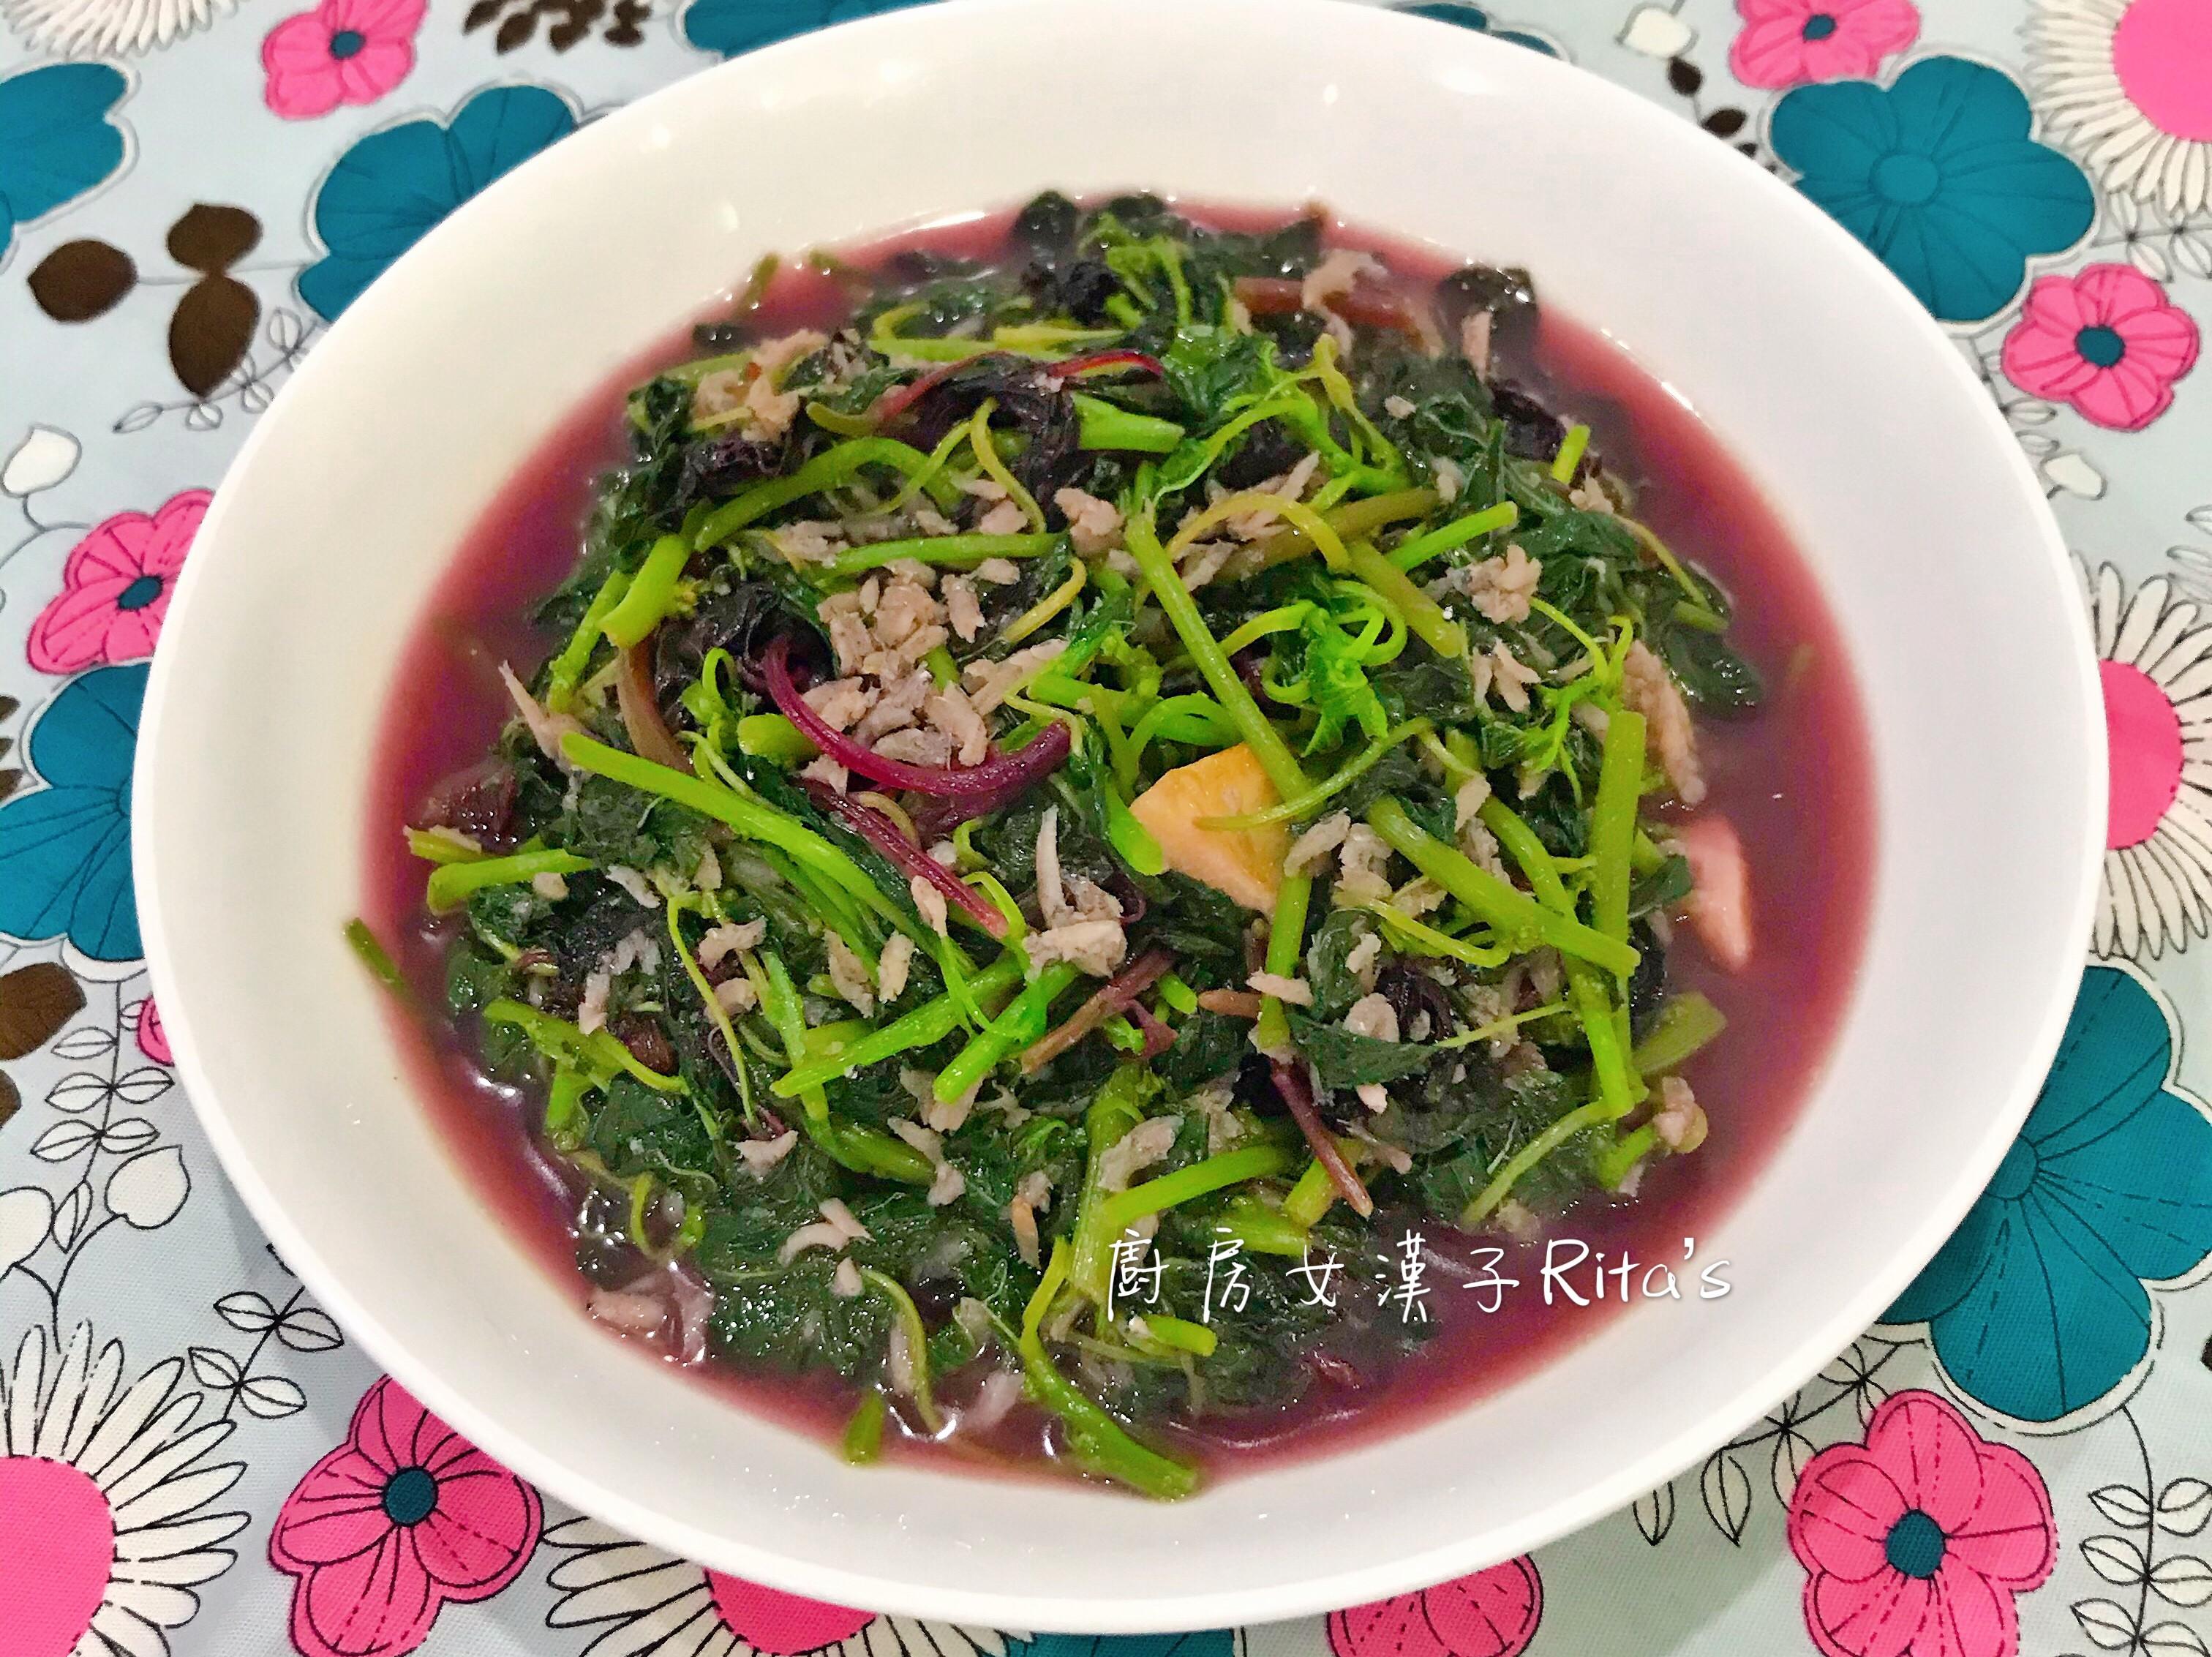 吻仔魚炒莧菜